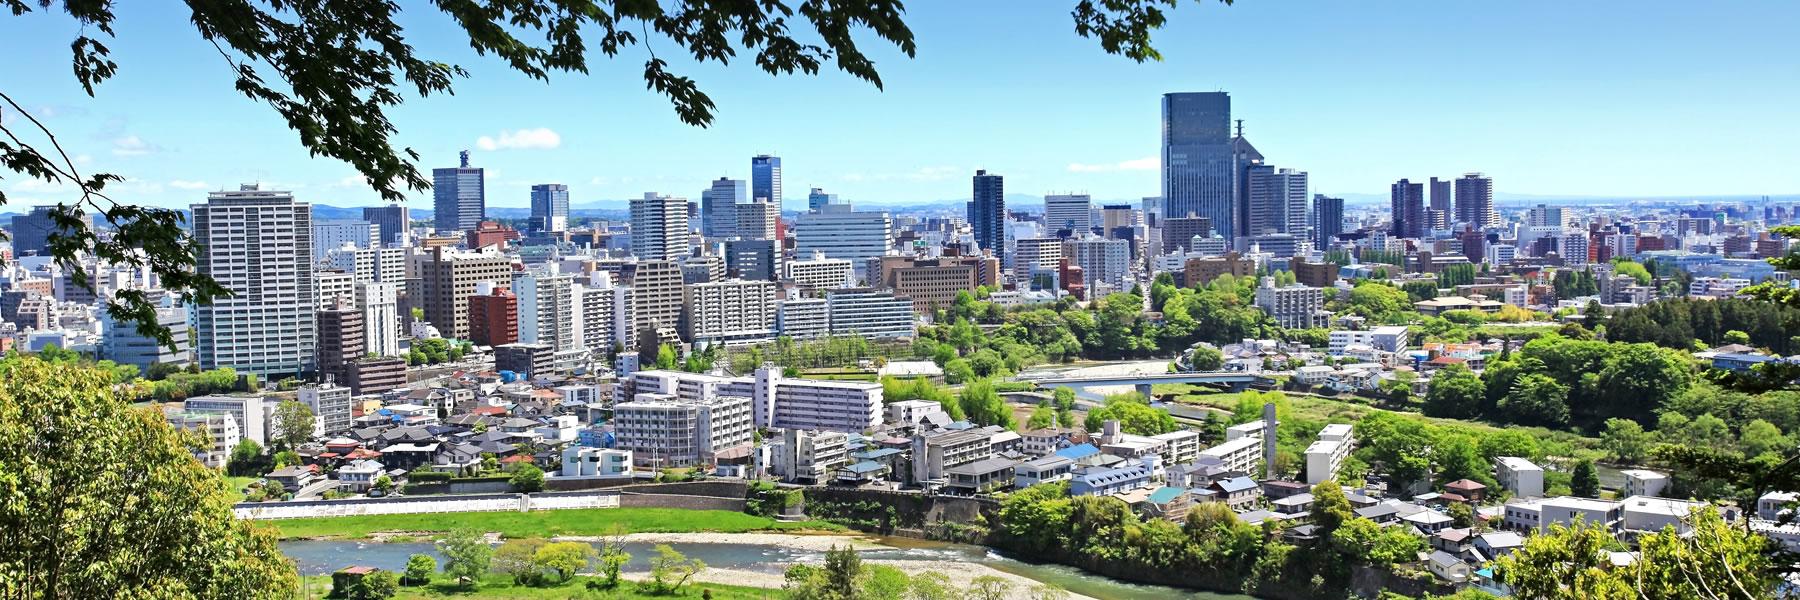 仙台の過ごし方・観光|アルモントホテル仙台【公式サイト】